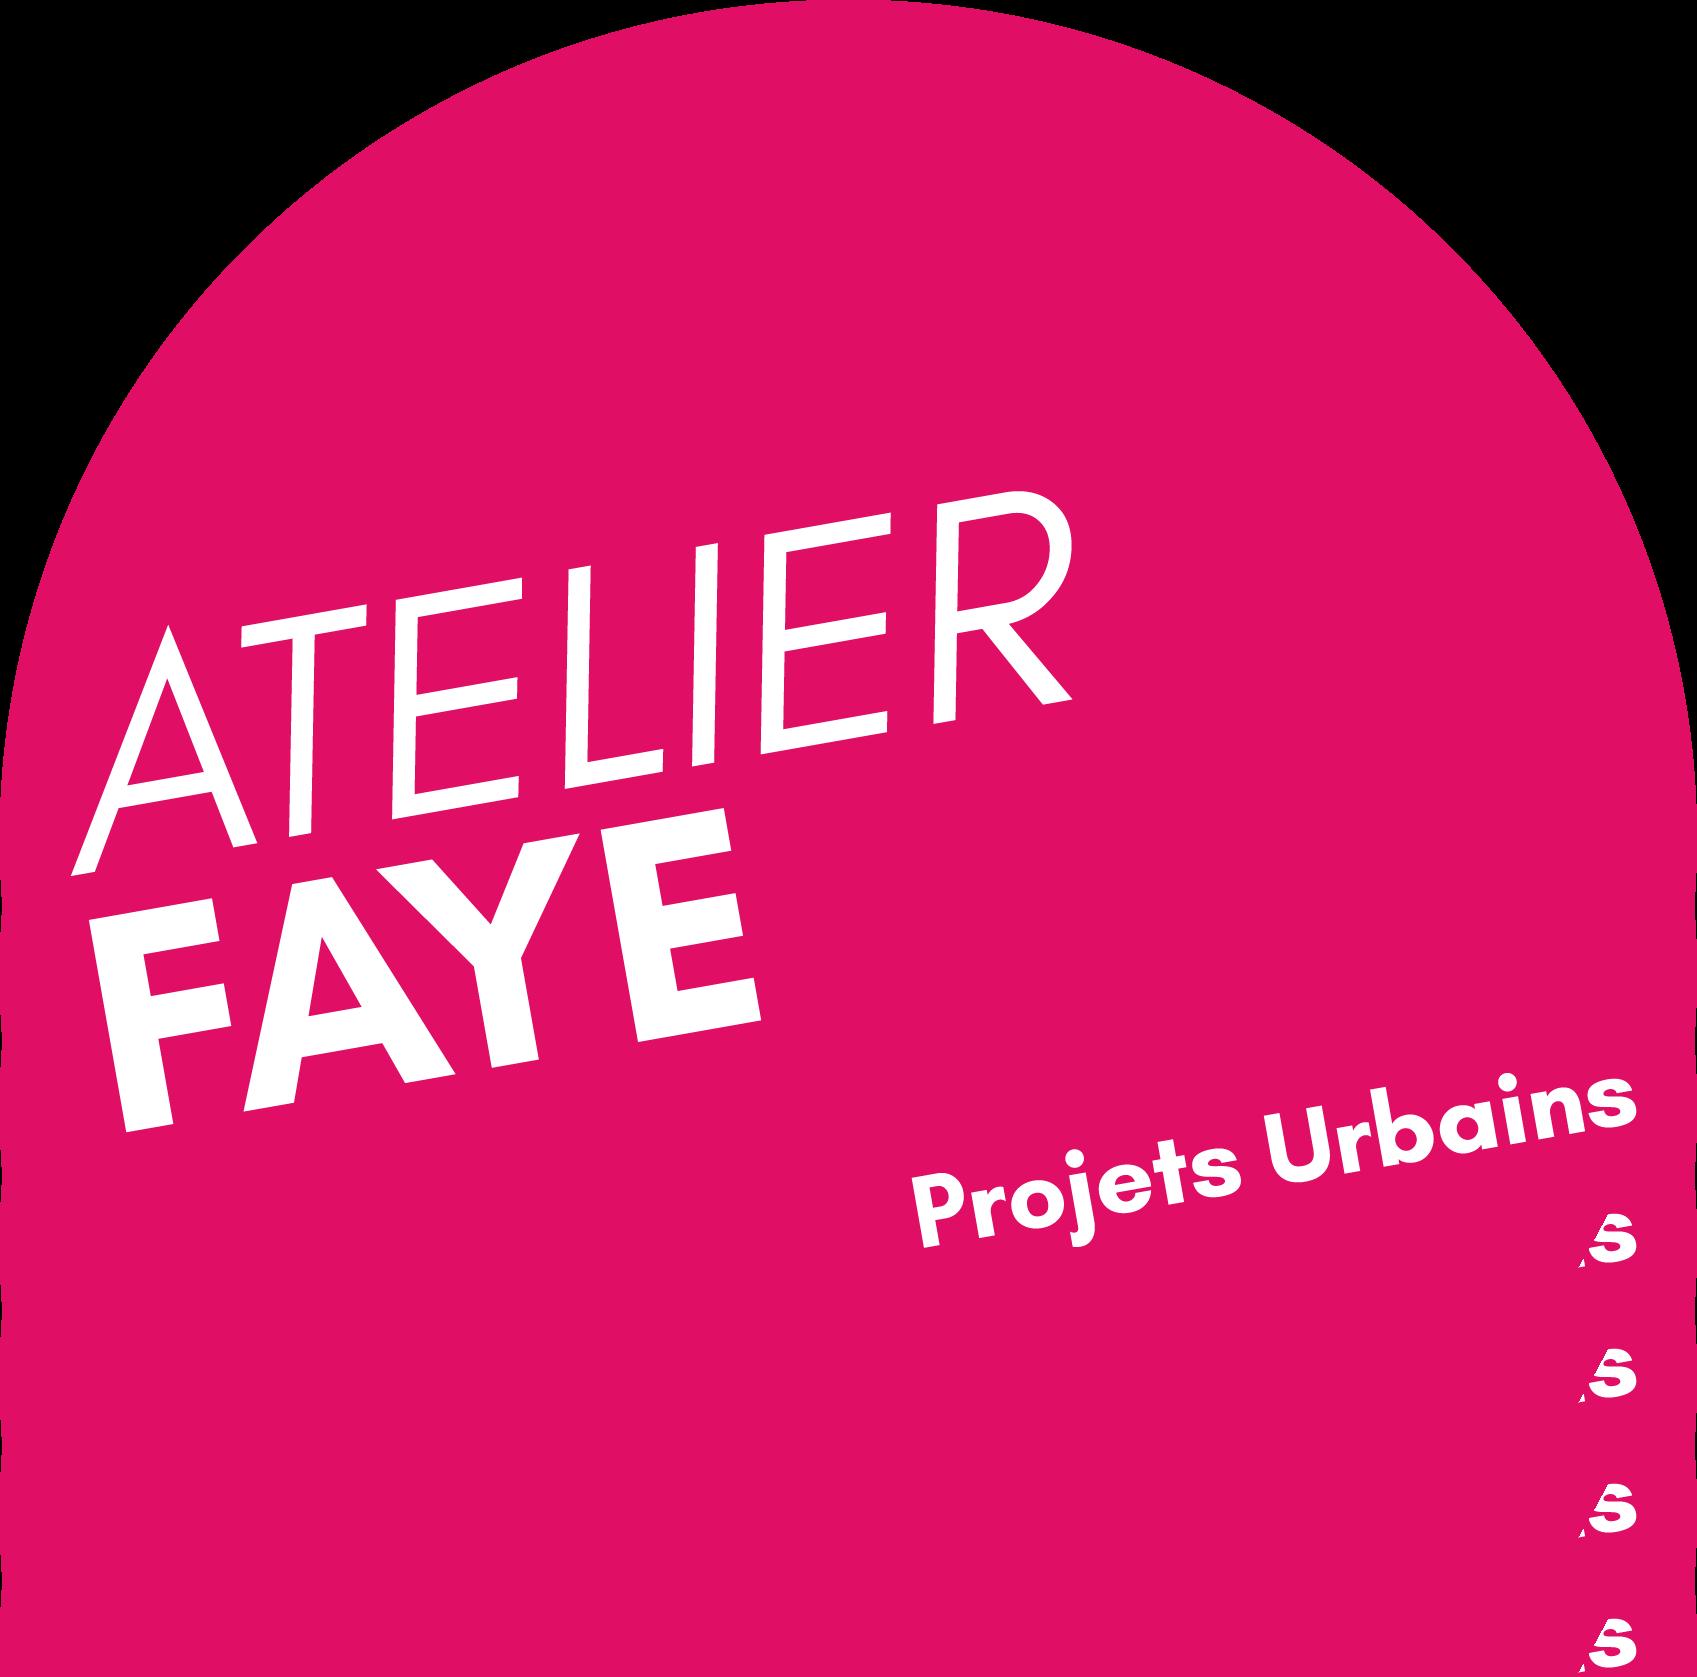 Logotype Atelier Faye - Etudes et conseils aux collectivités territoriales